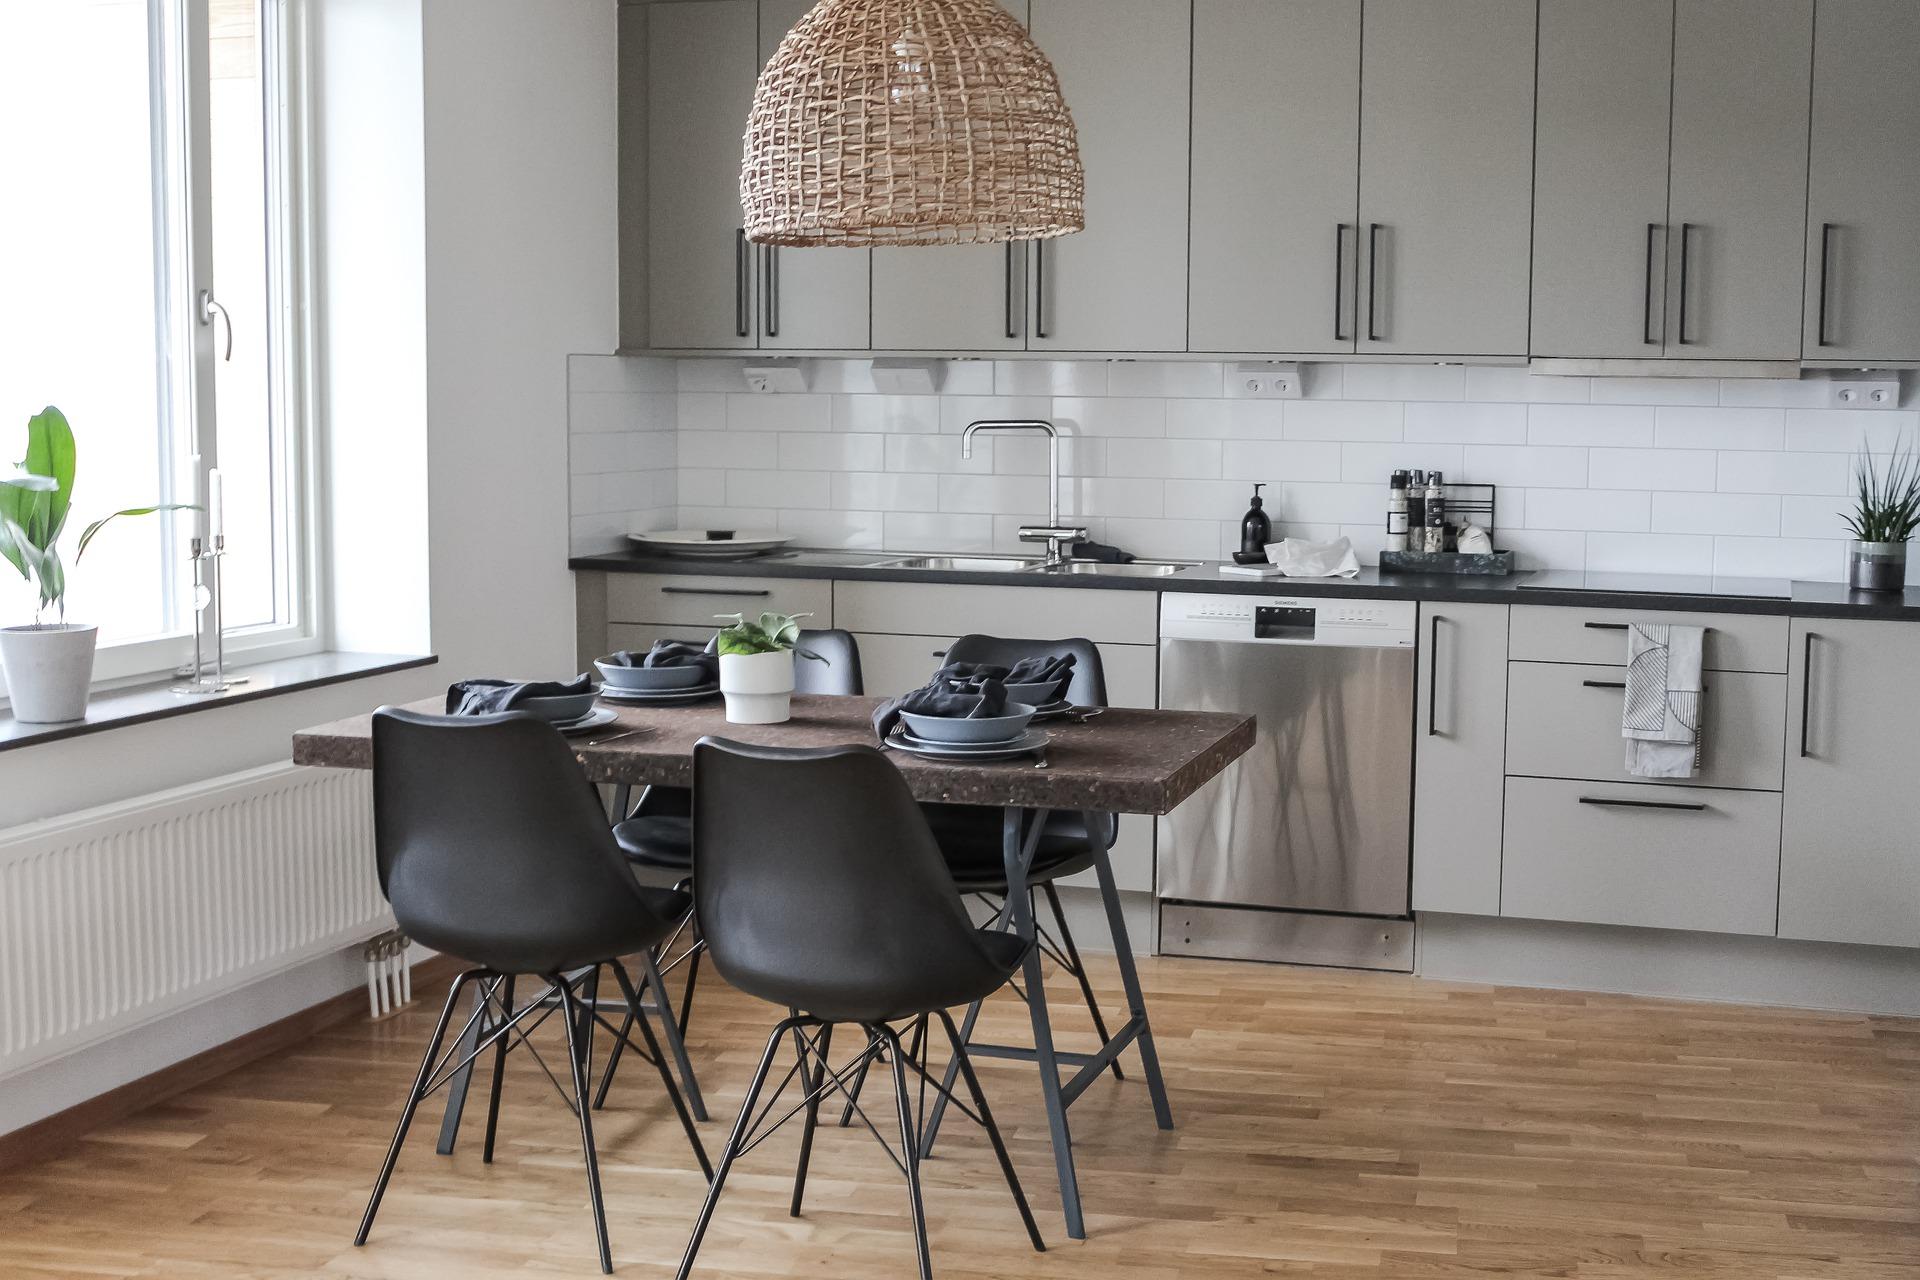 Geniş mutfak tasarımları